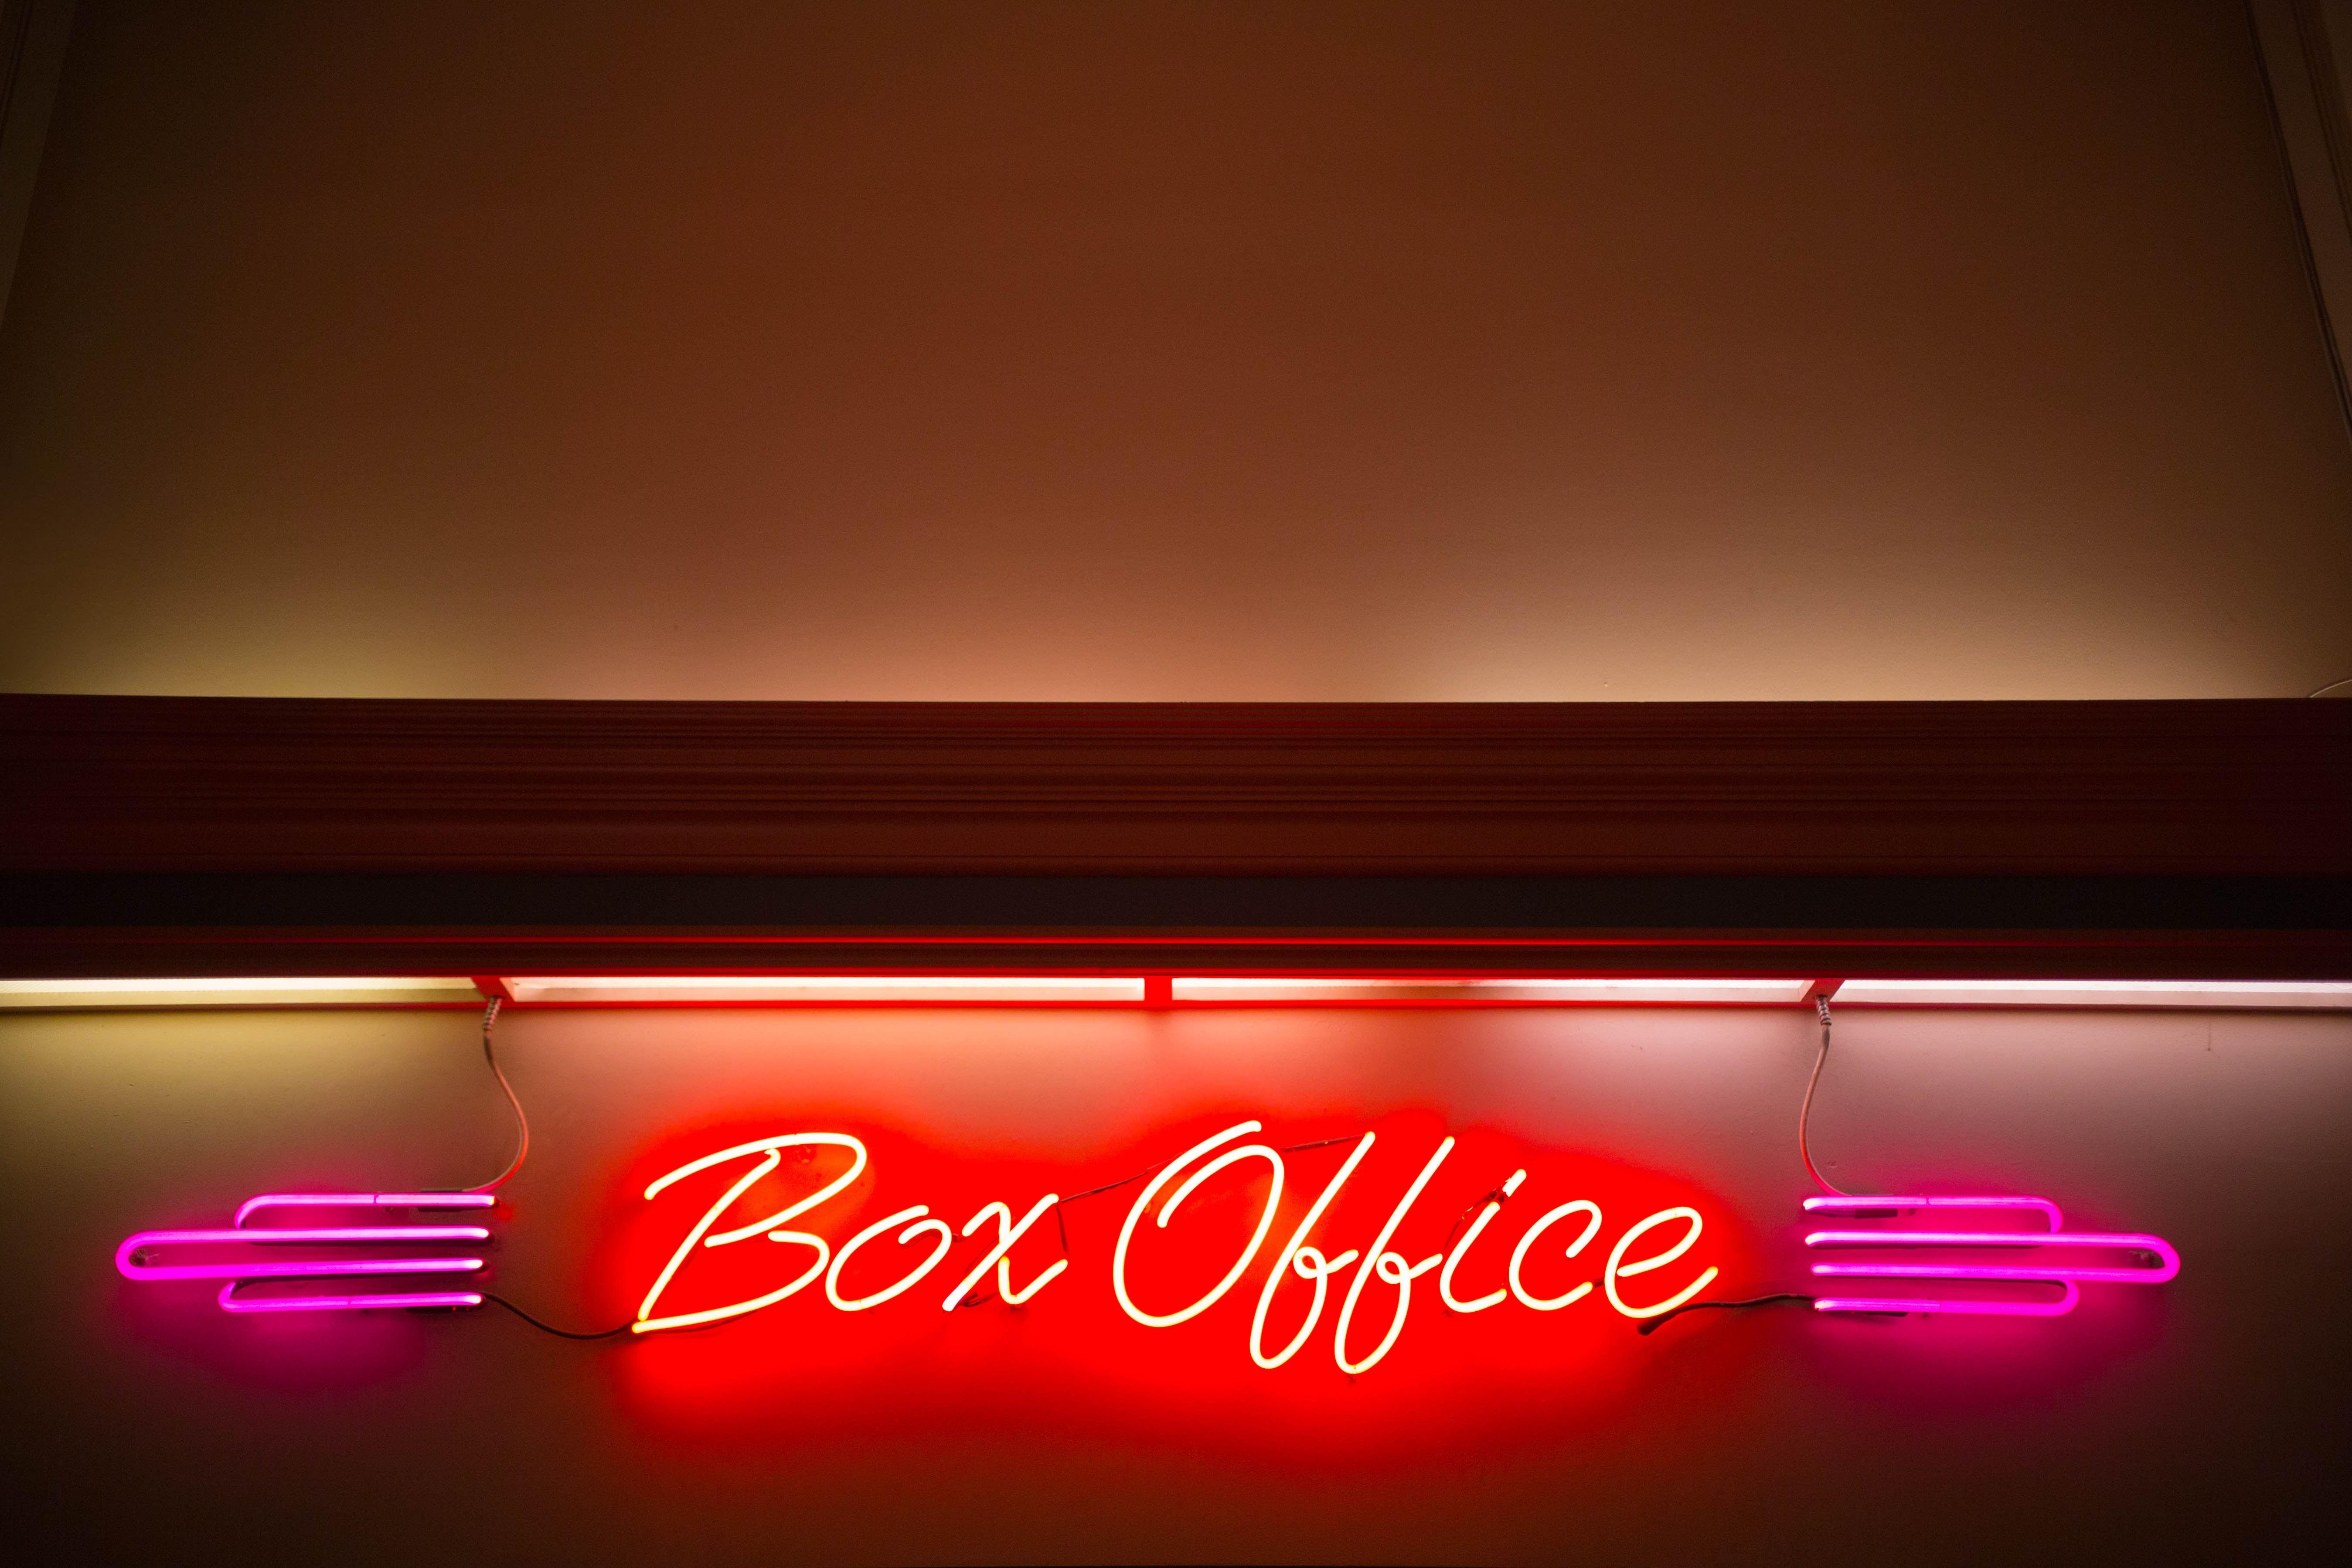 box-office.jpg?mtime=20171213130500#asset:737